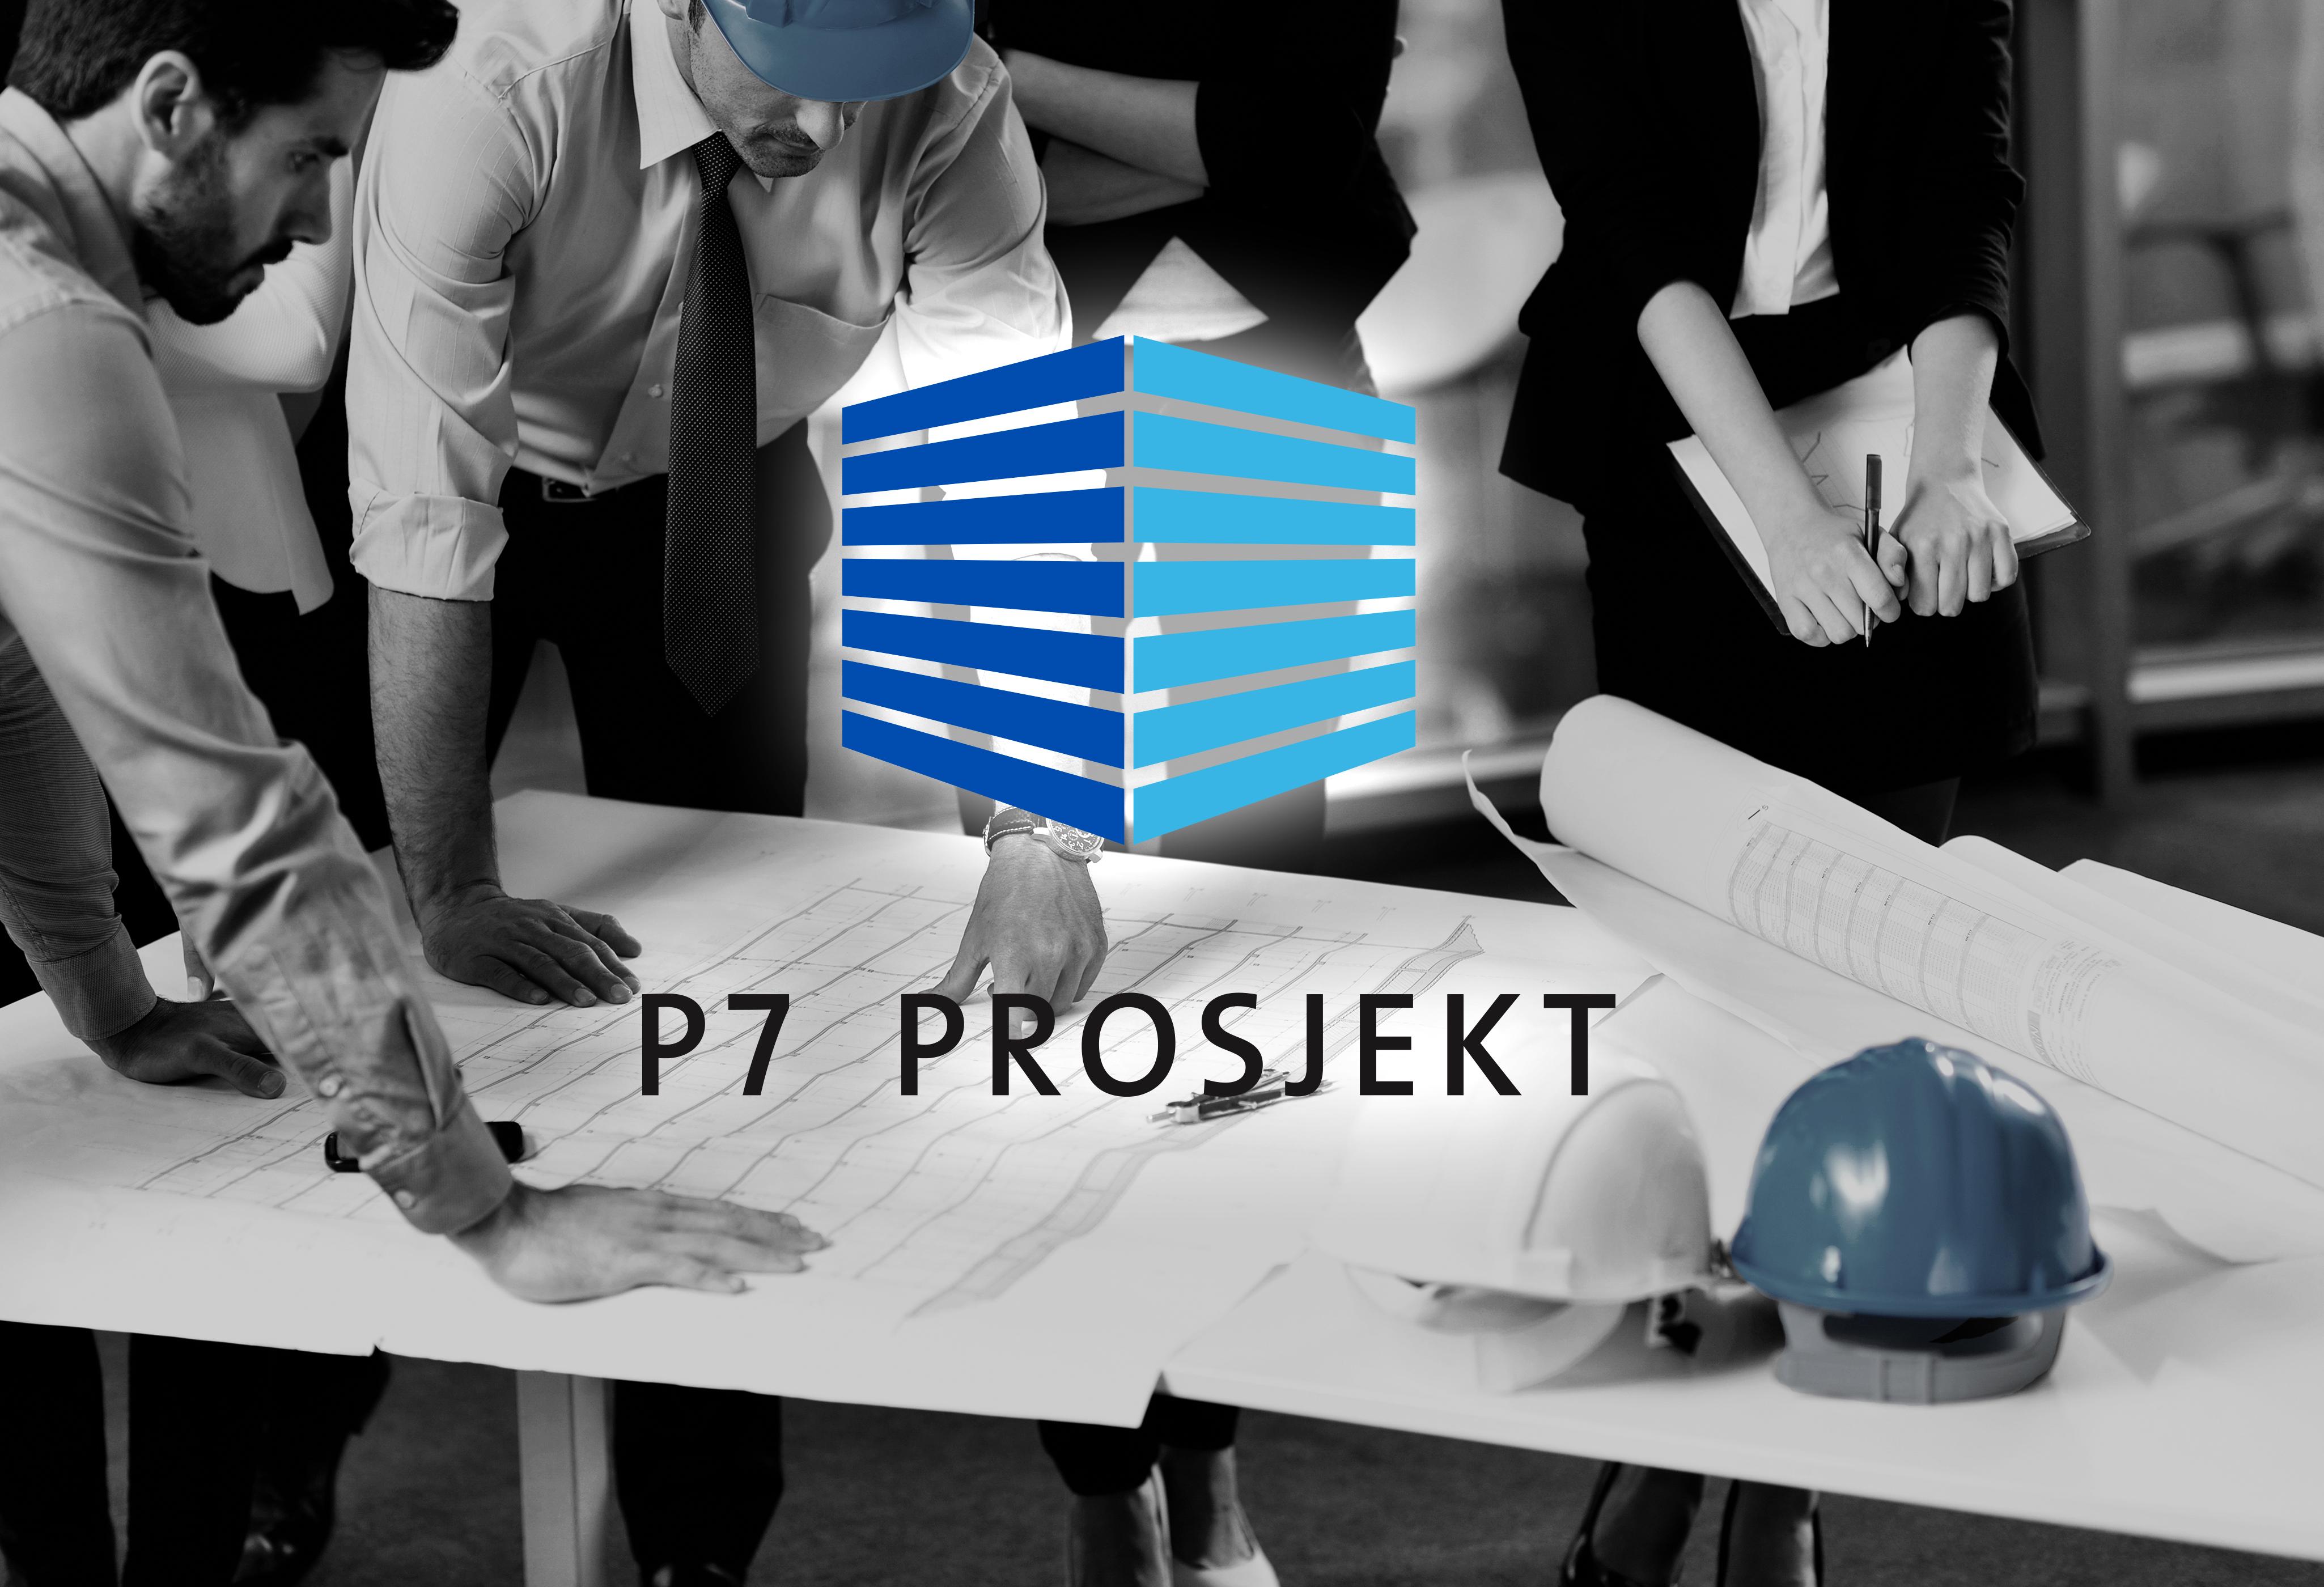 p7 prosjekt